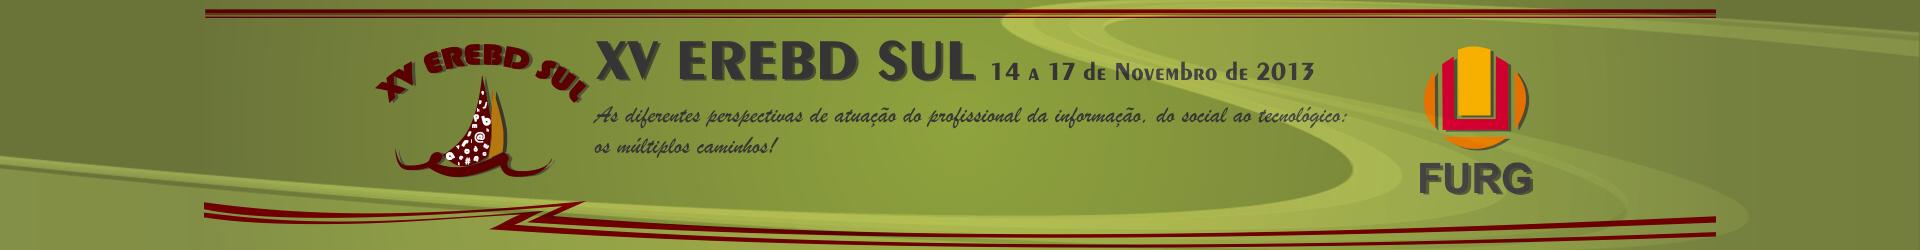 XV EREBD Sul - Encontro Regional de Estudantes de Biblioteconomia, Documentação, Ciência e Gestão da Informação